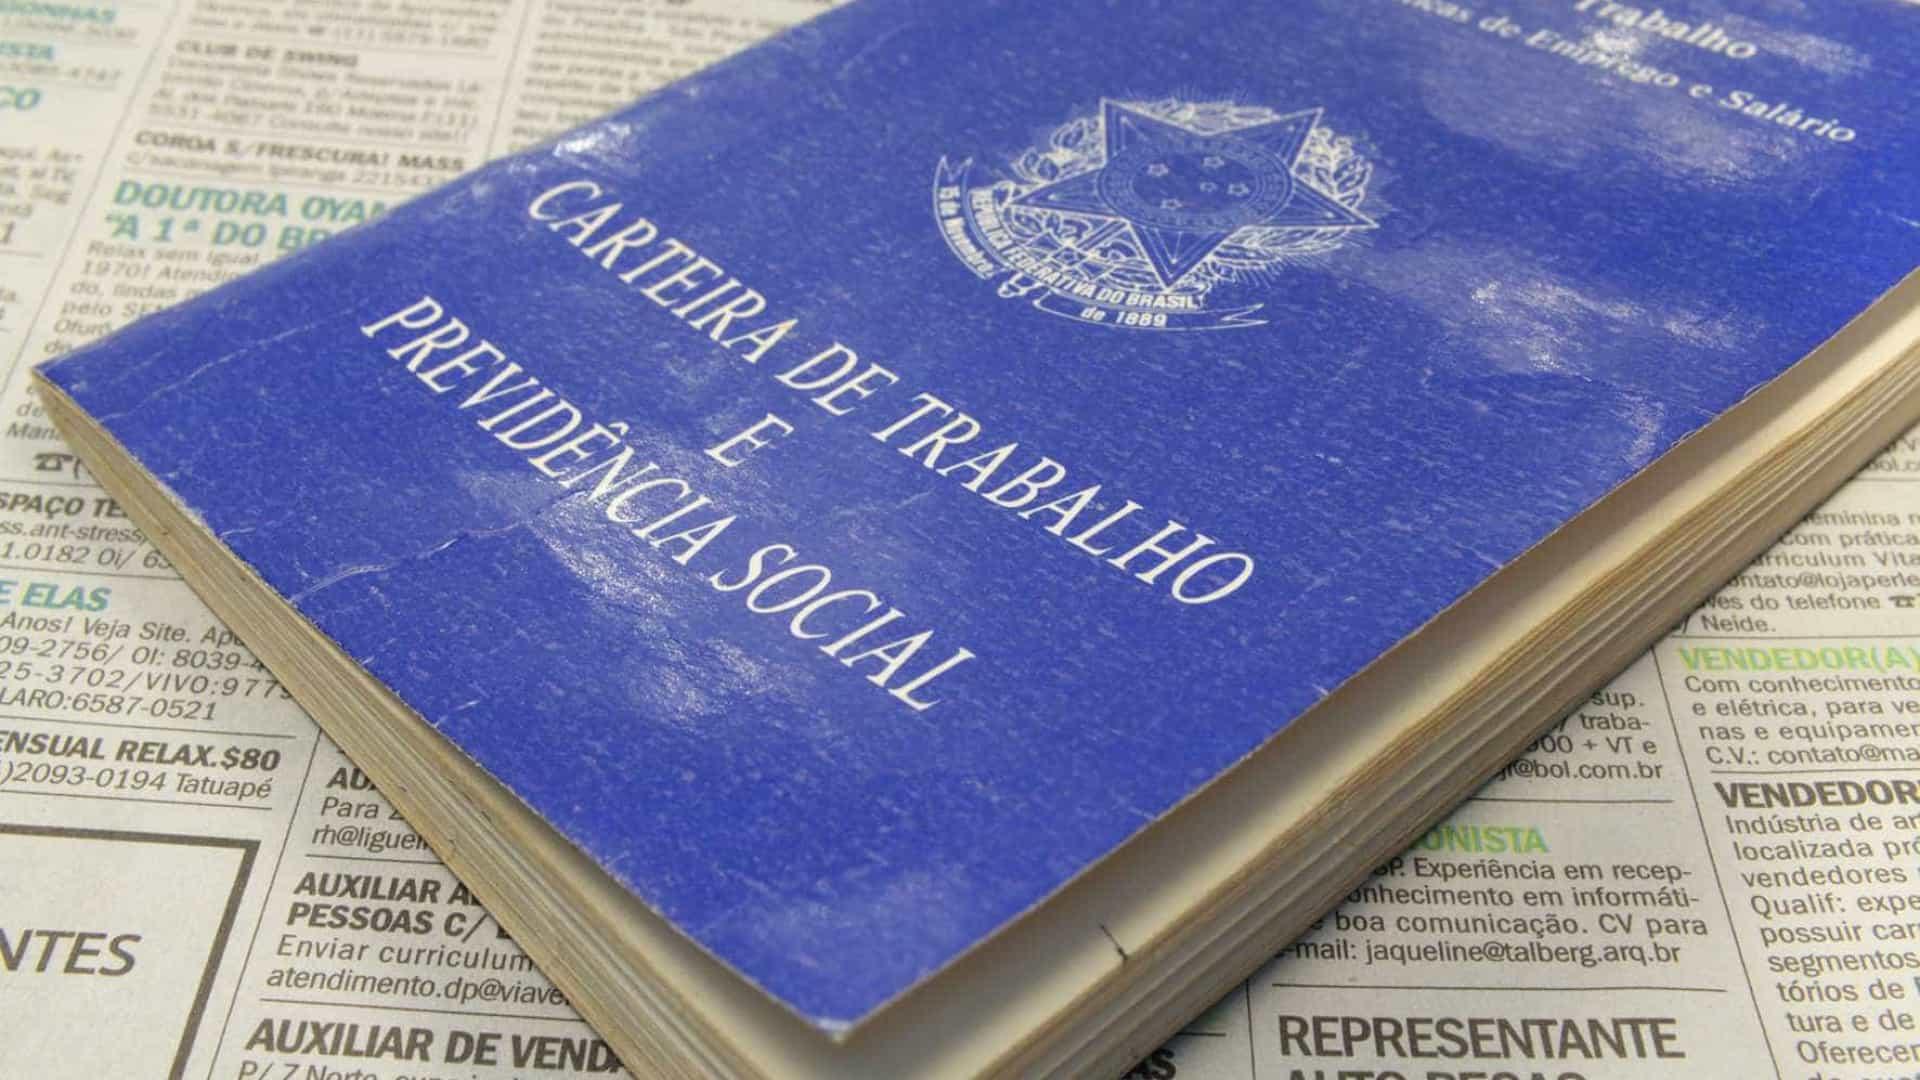 MAIORES EMPREGADORES DO PAÍS: crise tira 61 mil vagas de quem mais emprega